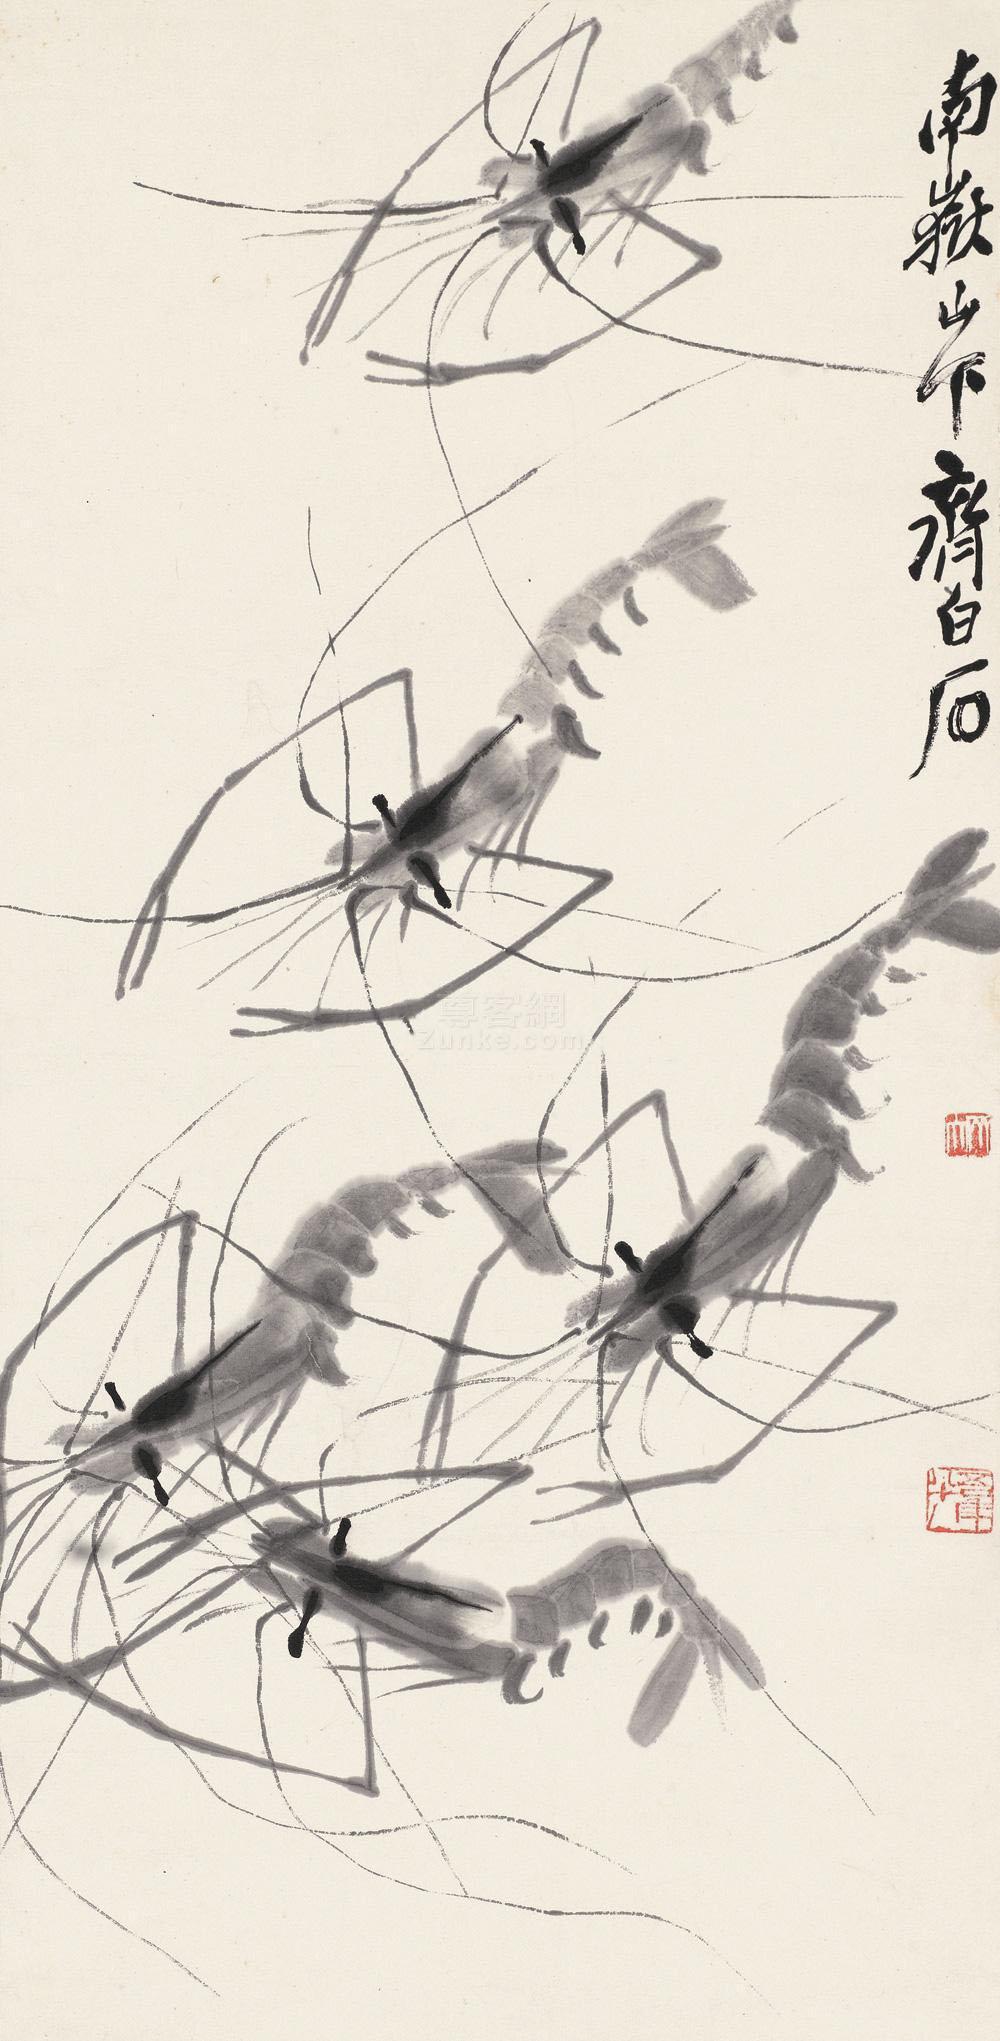 齐白石 群虾图 立轴 水墨纸本作品欣赏